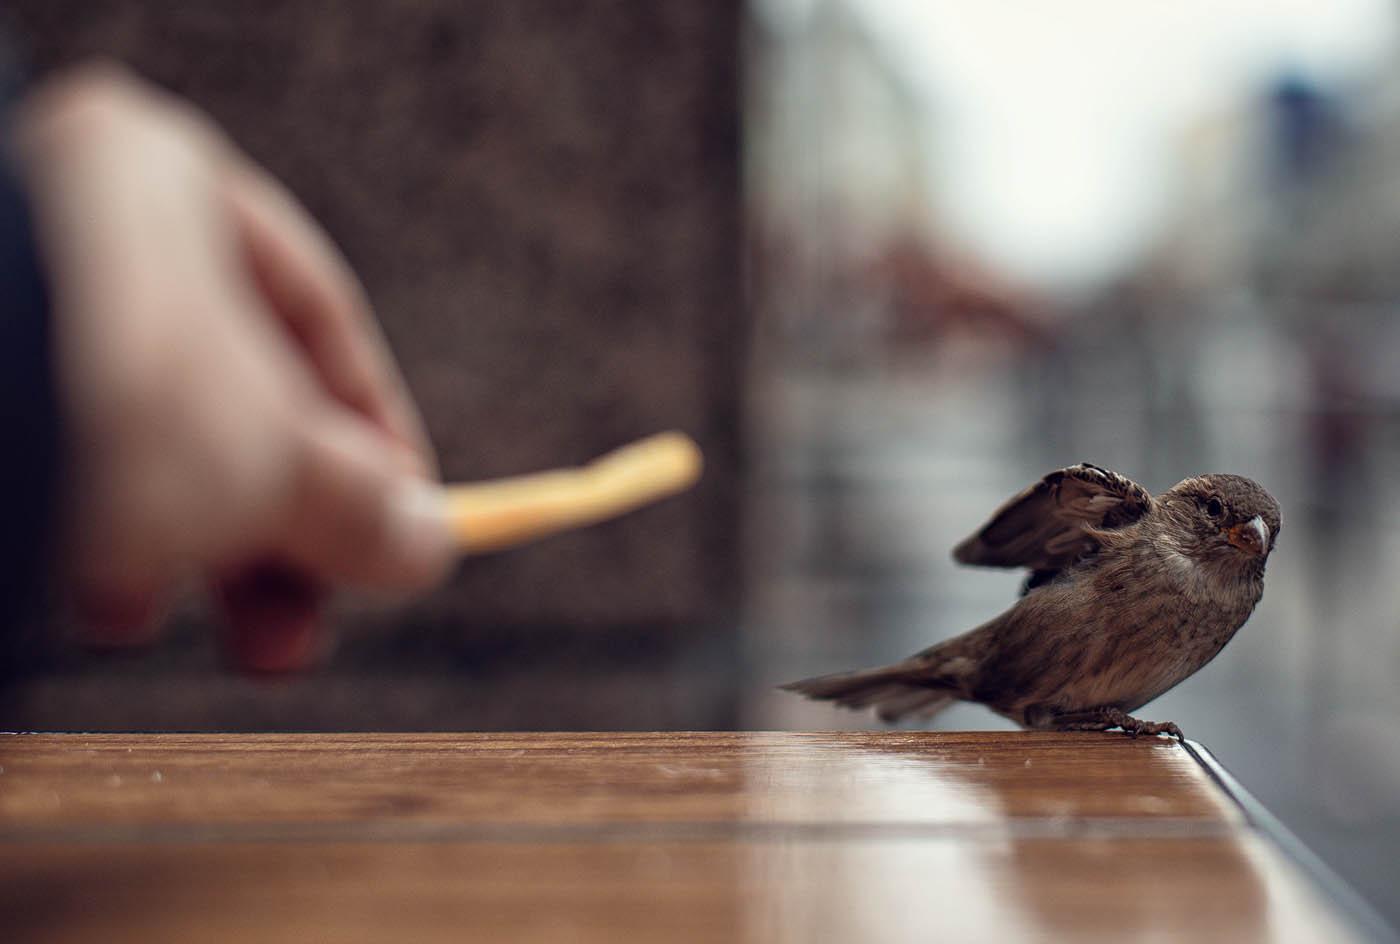 Примета птица залетела в дом расскажет о будущем